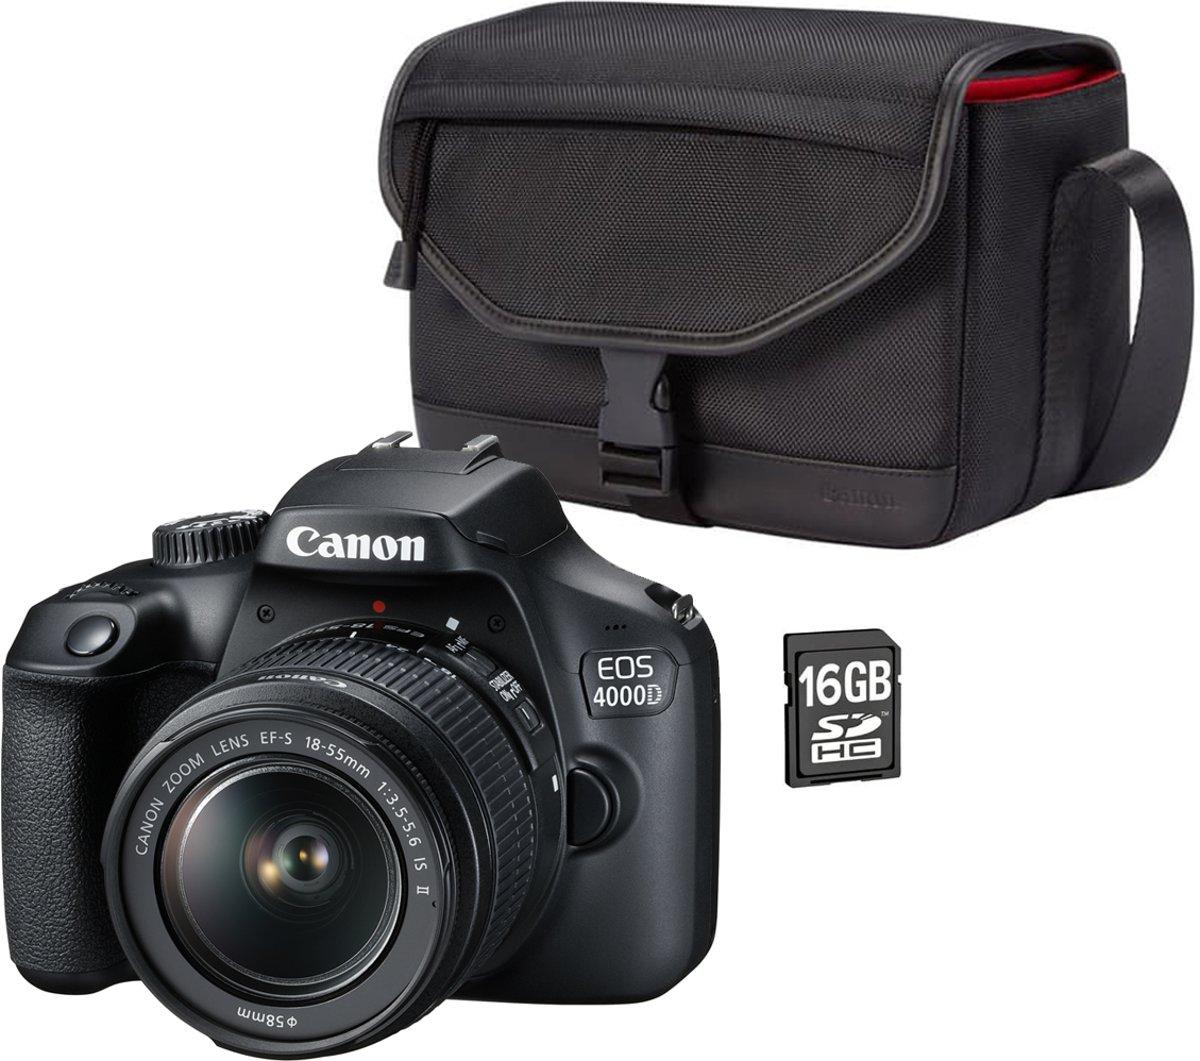 CANON EOS 4000D + 18-55mm + 16 GB + draagtas kopen